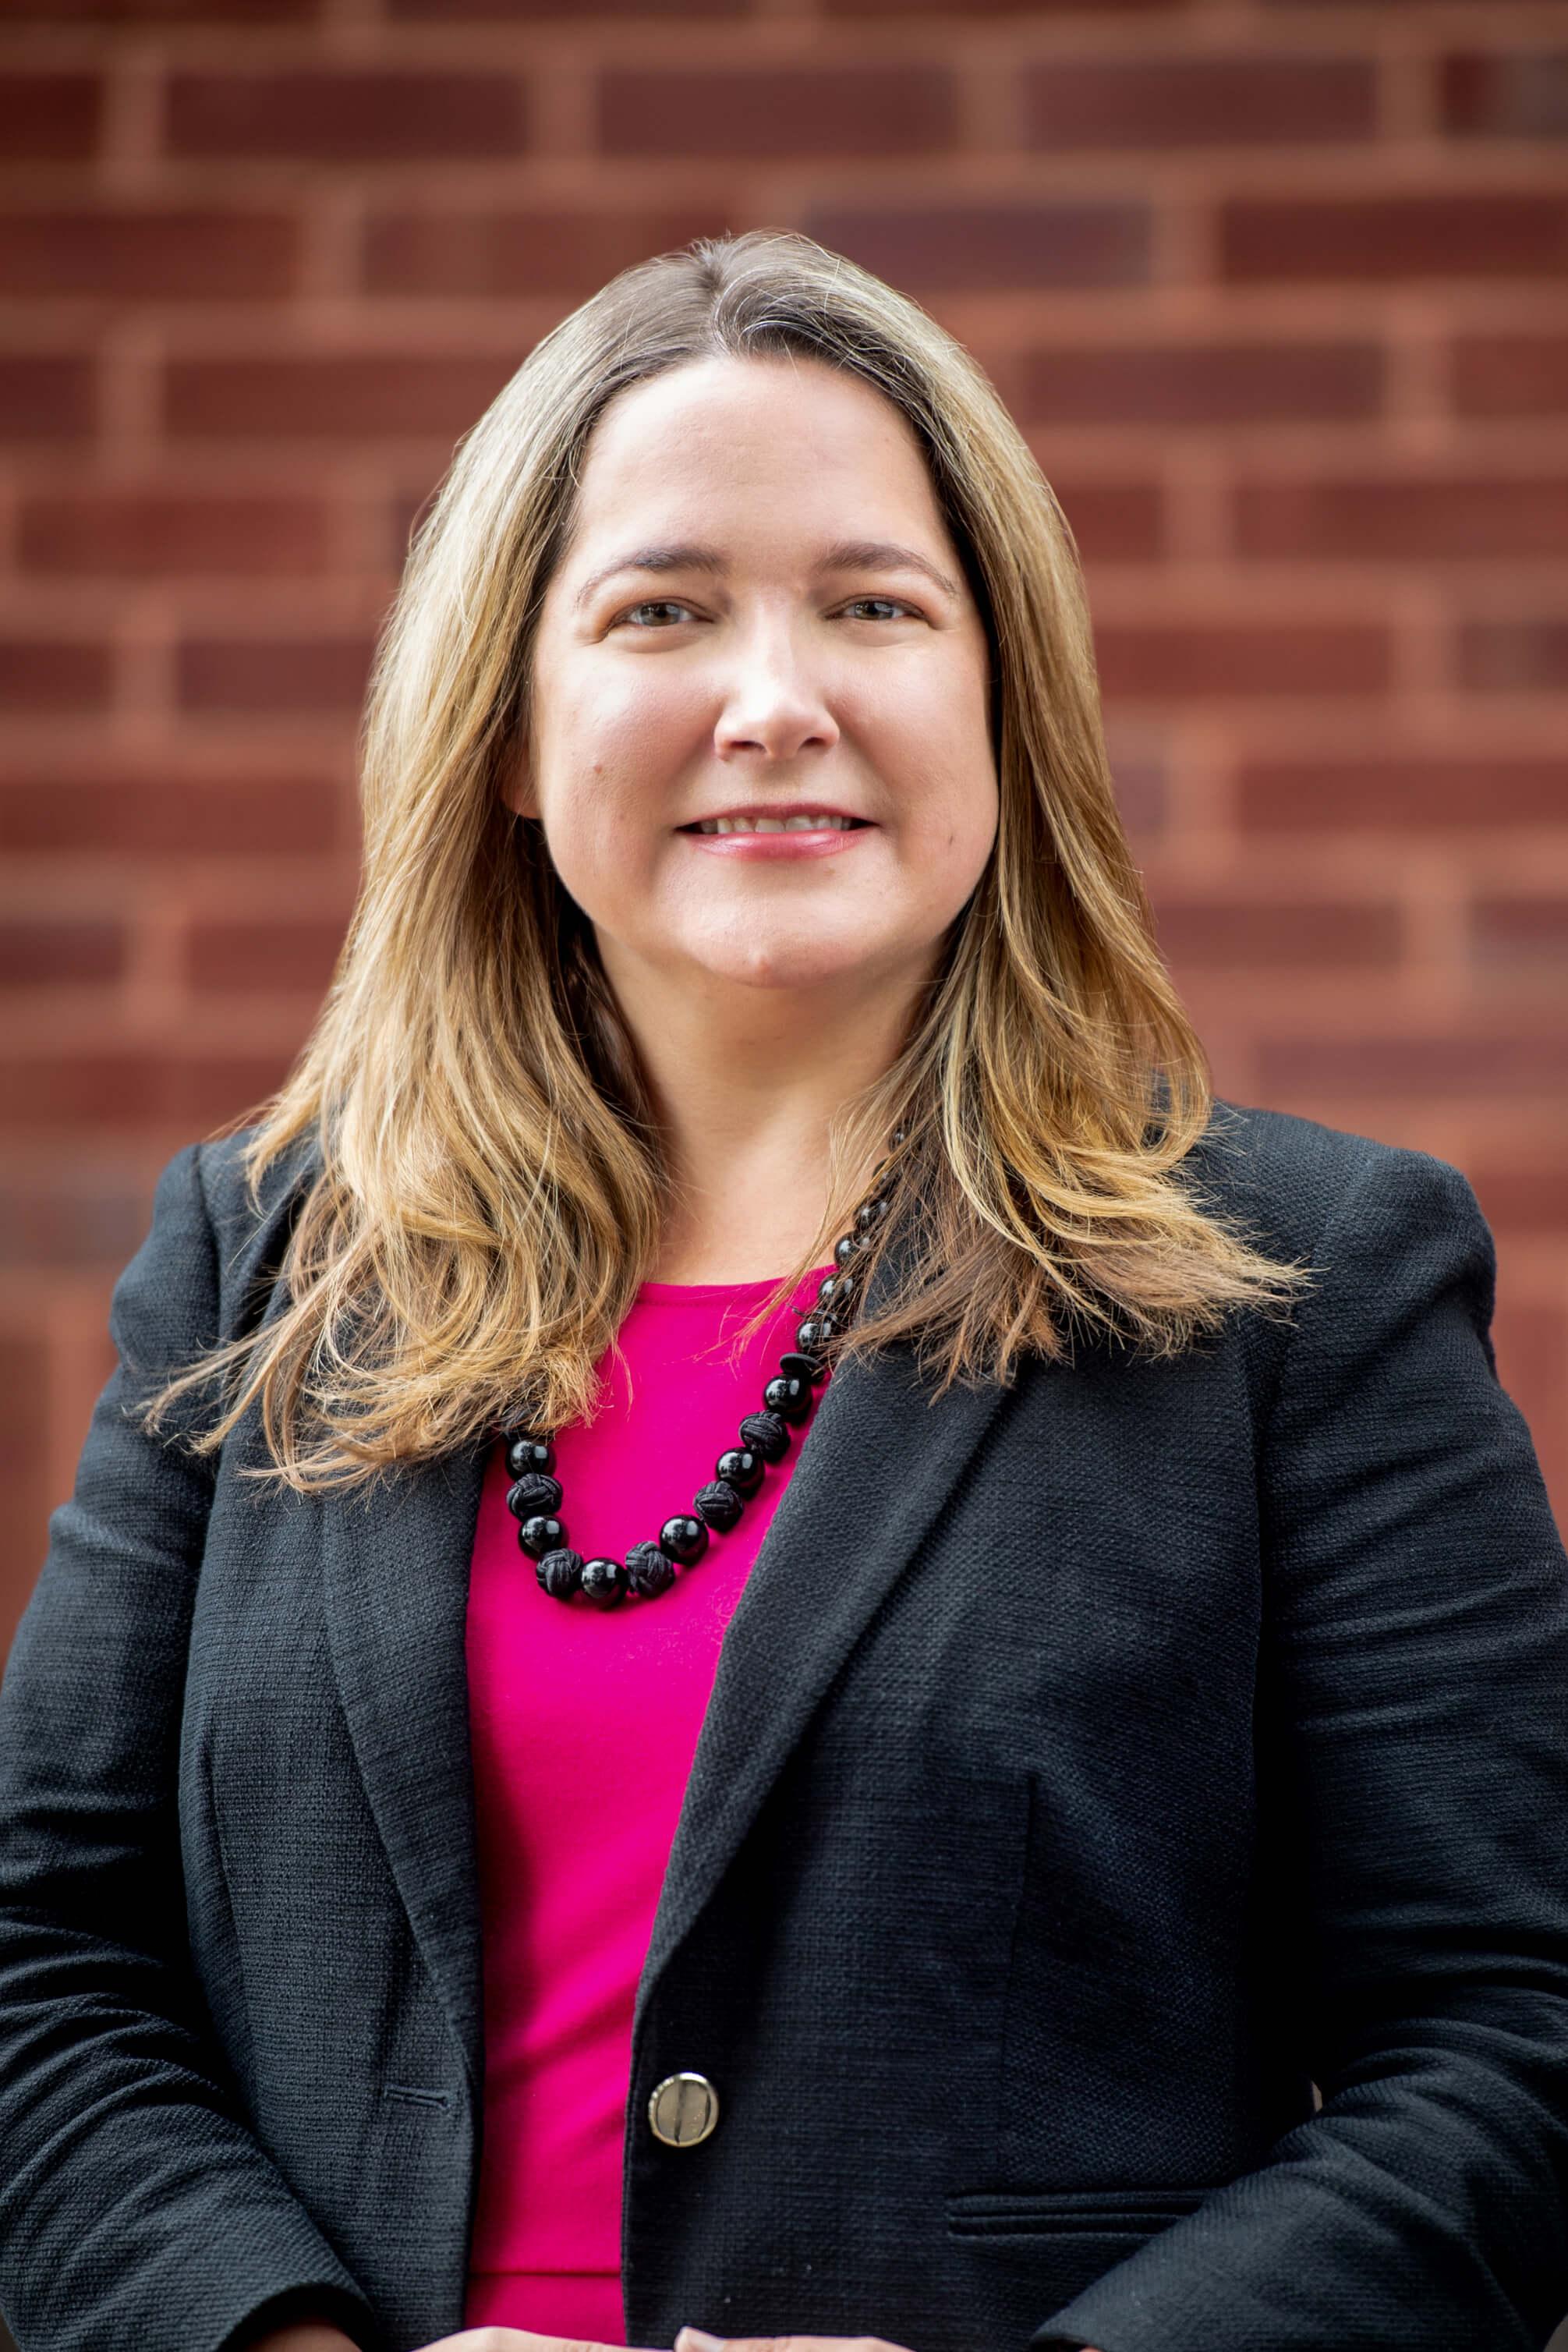 Lisa Kresge